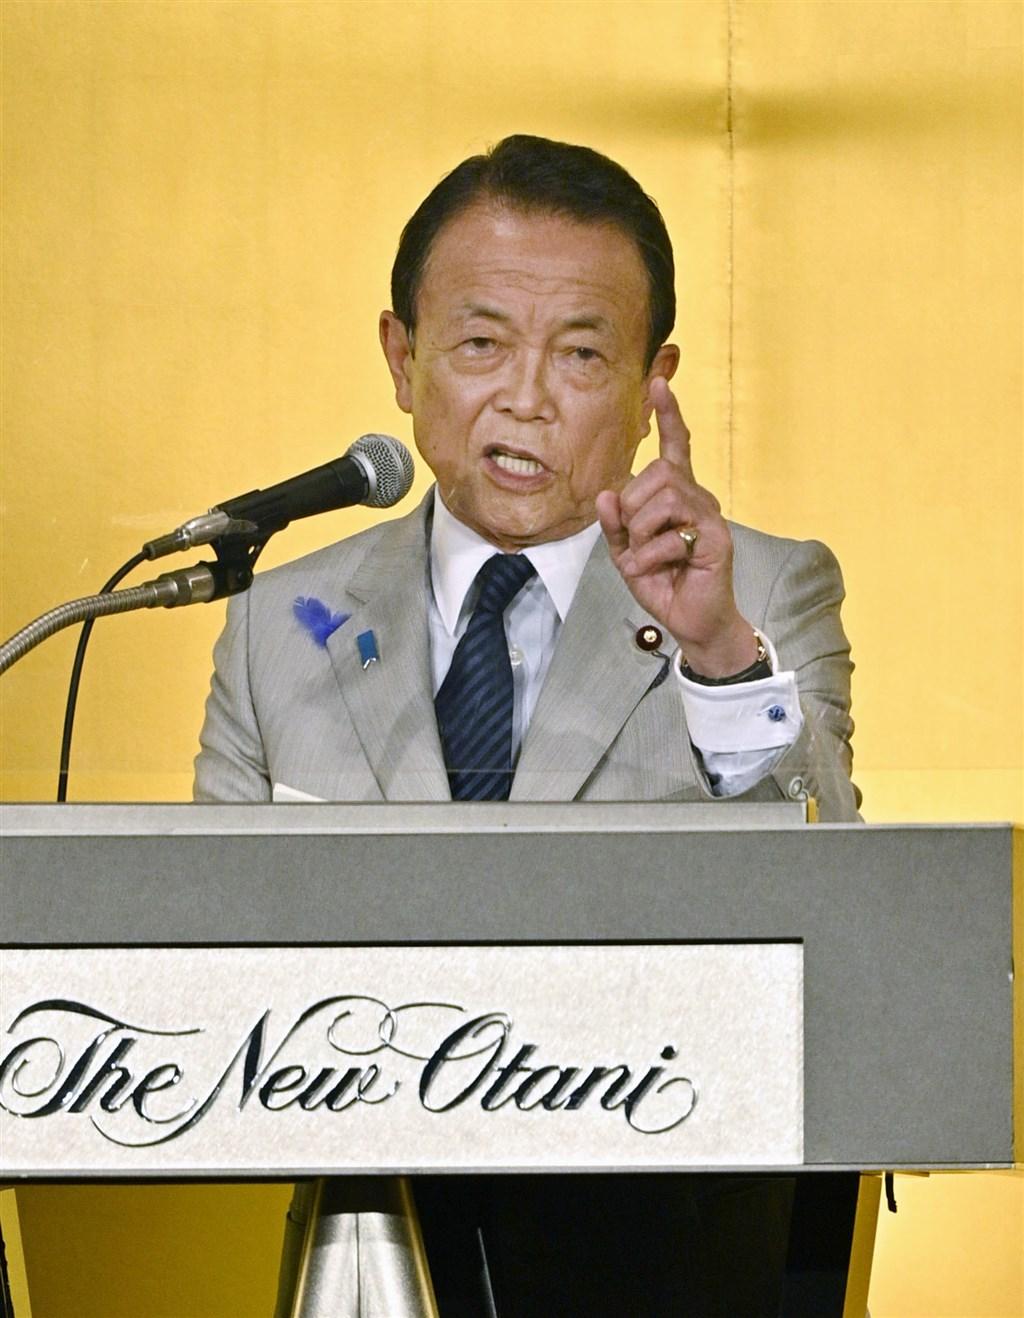 日本媒體報導,即將擔任下任首相的自民黨新任總裁菅義偉,計劃任命原副首相暨財務大臣麻生太郎(圖)續任這兩個職位。(共同社)